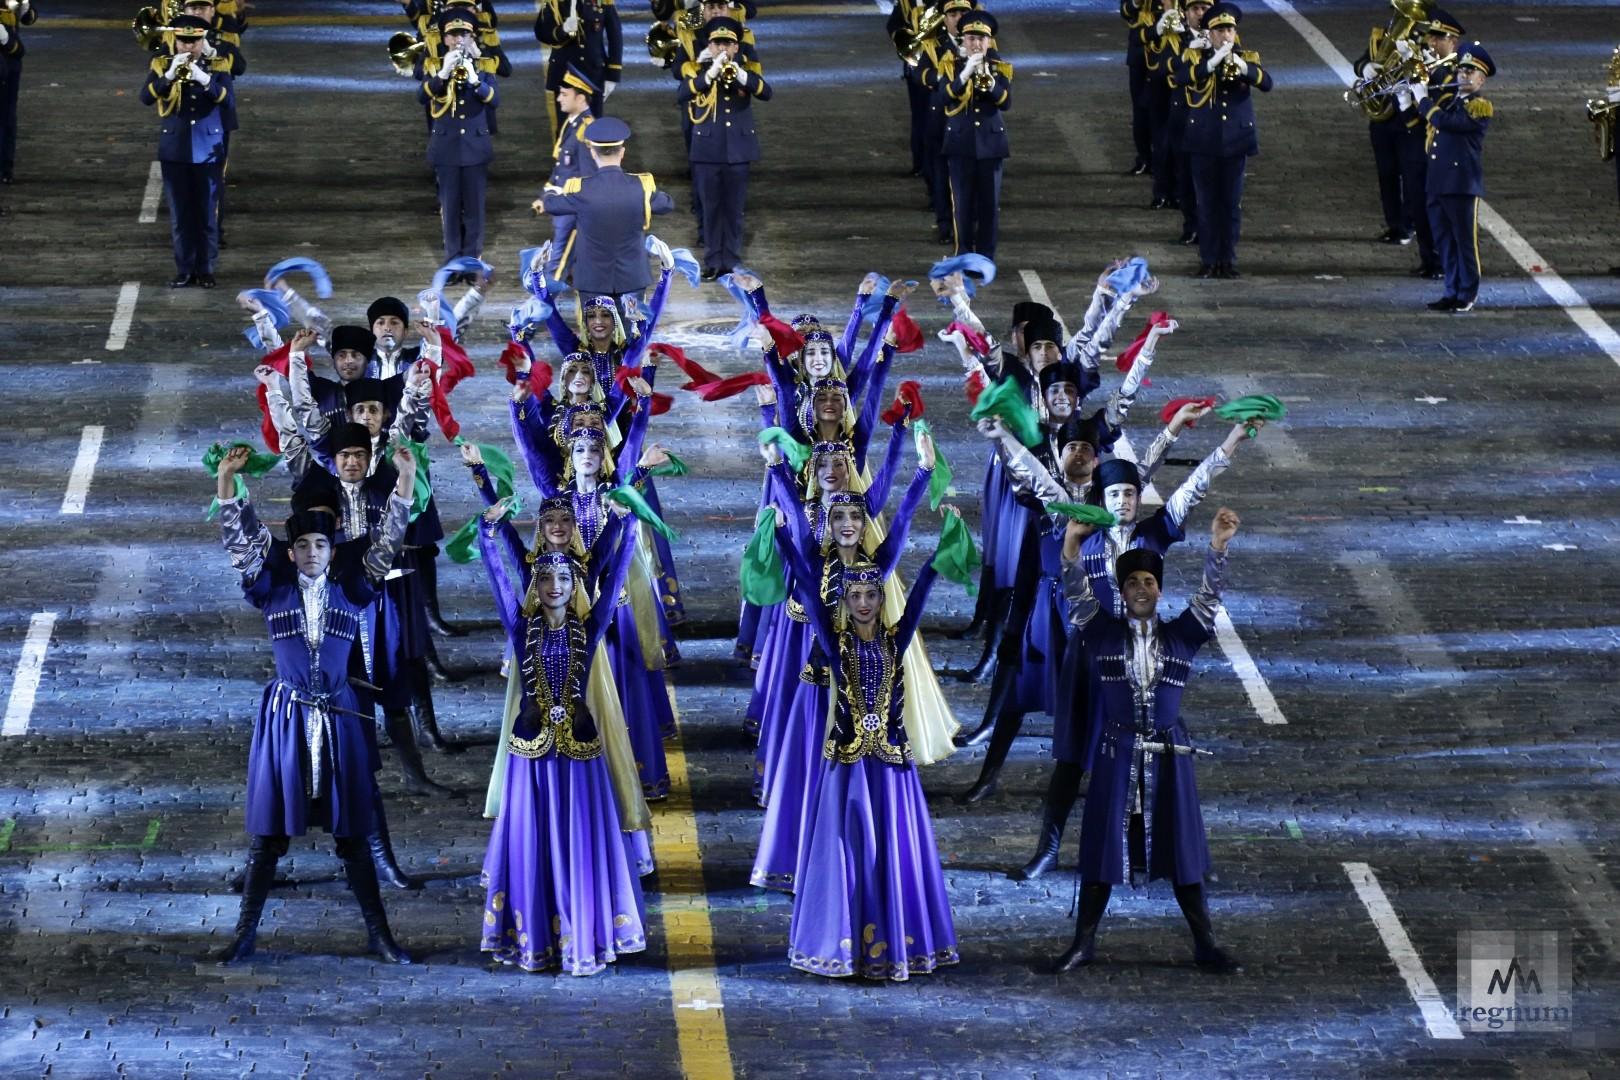 Выступление оркестра азербайджанского высшего военного училища имени Гейдара Алиева